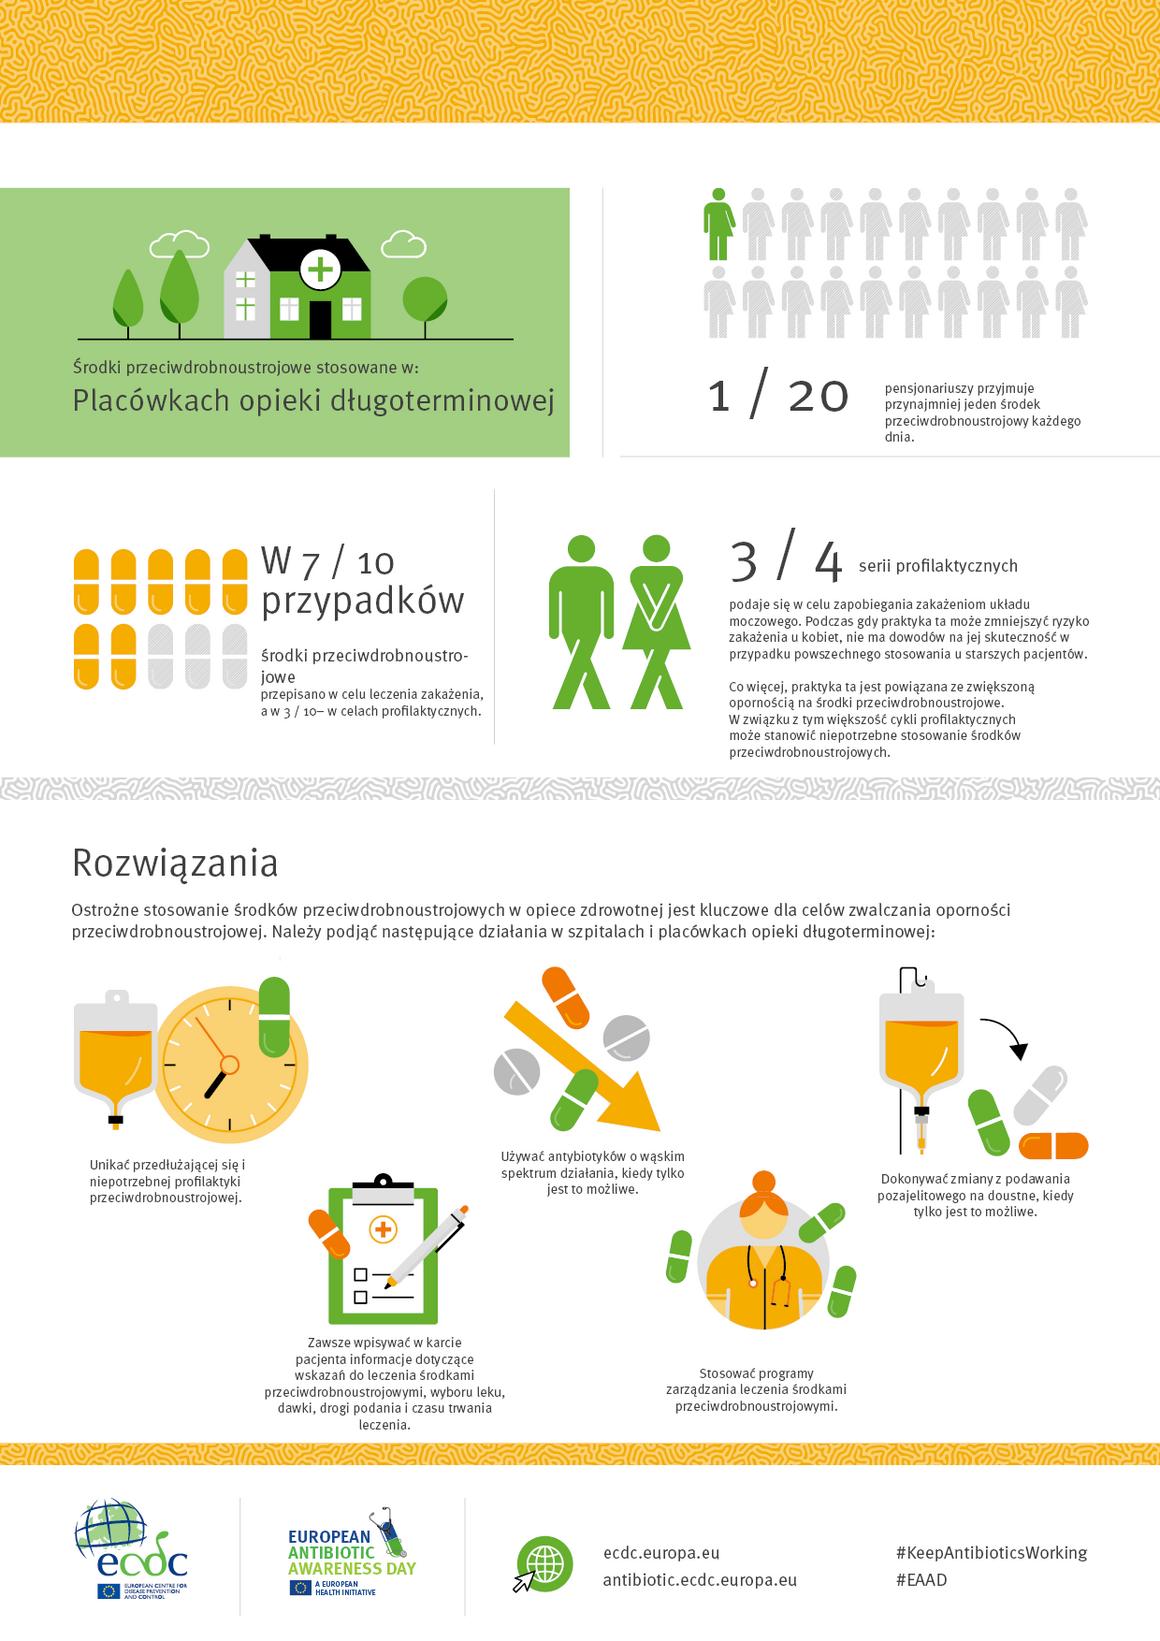 Środki przeciwdrobnoustrojowe stosowane w: Placówkach opieki długoterminowej